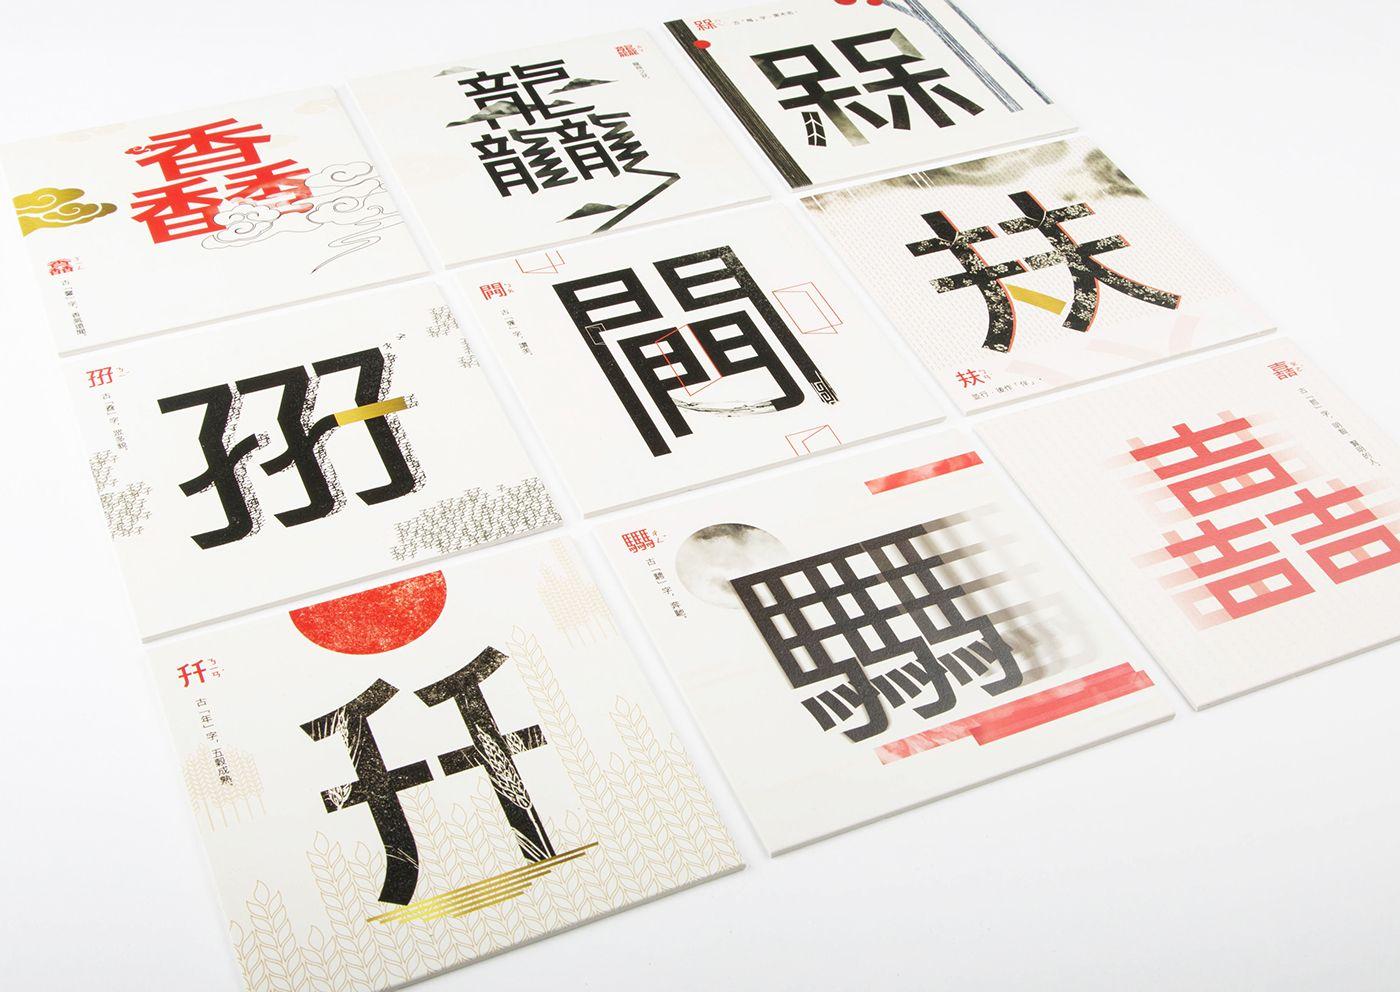 古疊字集酷卡設計。一系列共有 10 張。為了將中文漢字之美推廣出去。酷卡使用多種生活罕見的古漢字來做 ...